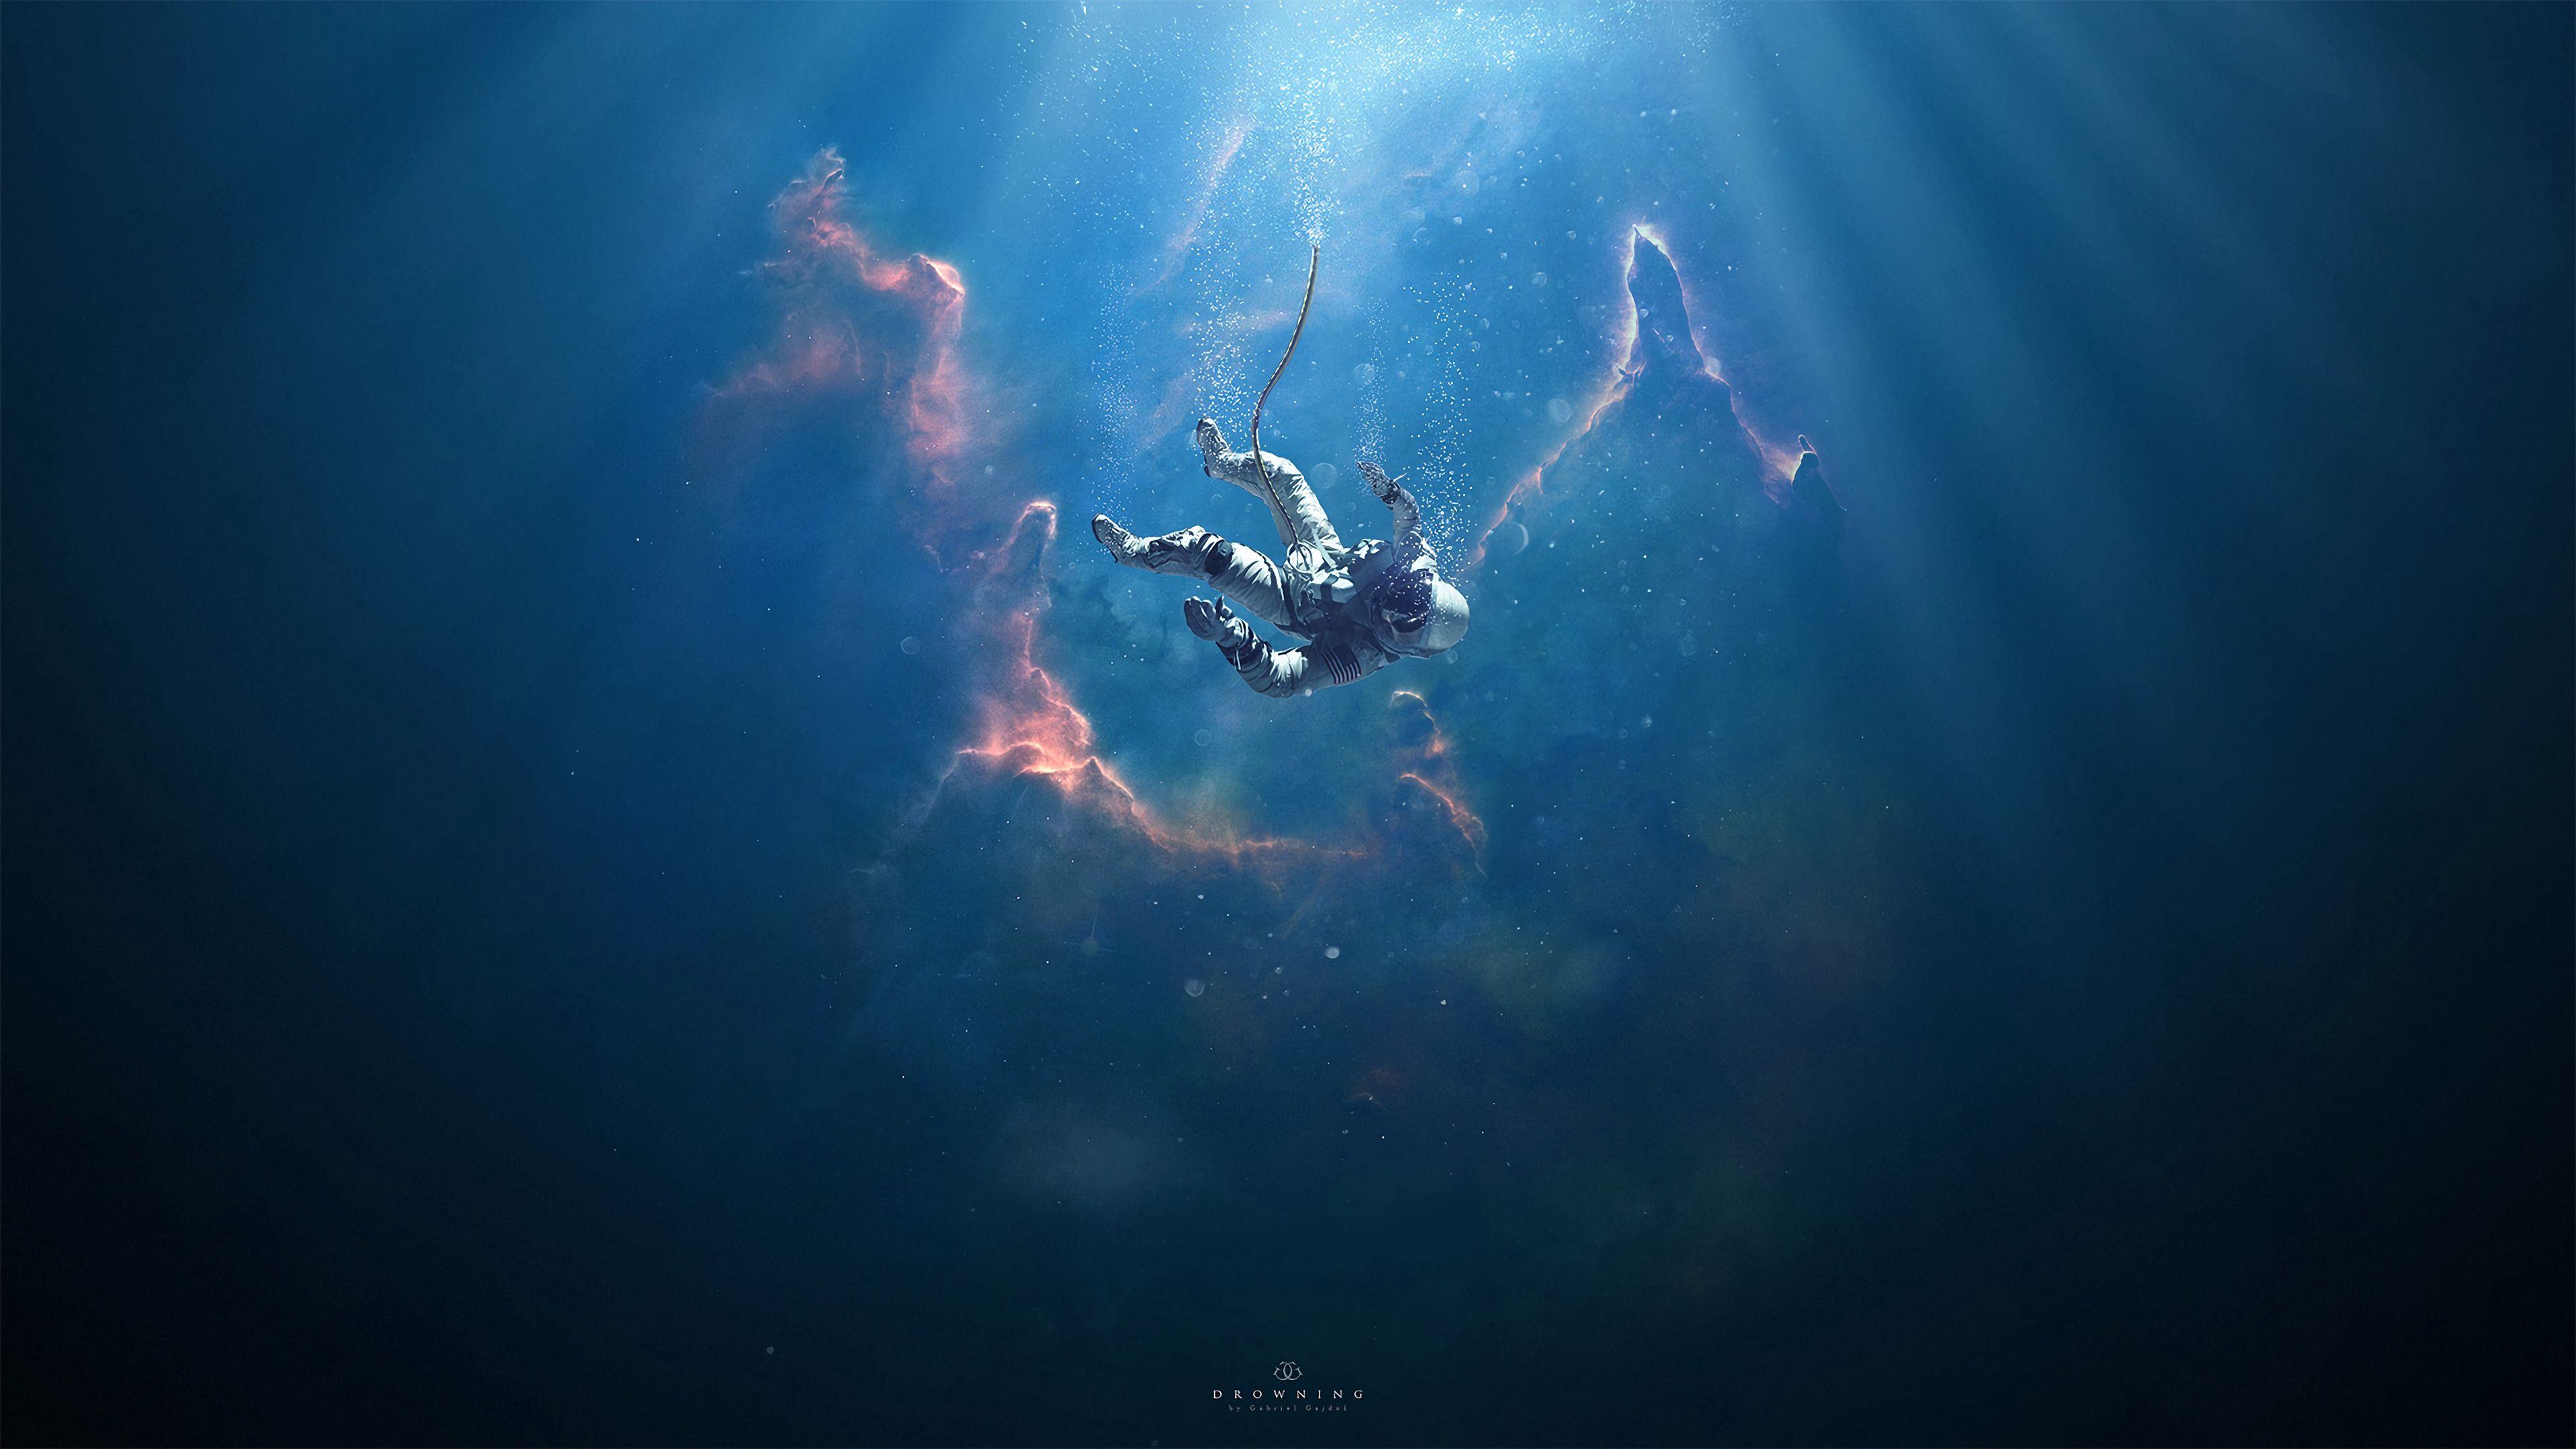 152791壁紙のダウンロード宇宙飛行士, コスモノート, 秋, 深さ, 浸漬, 没入, ビーム, 光線, 宇宙-スクリーンセーバーと写真を無料で